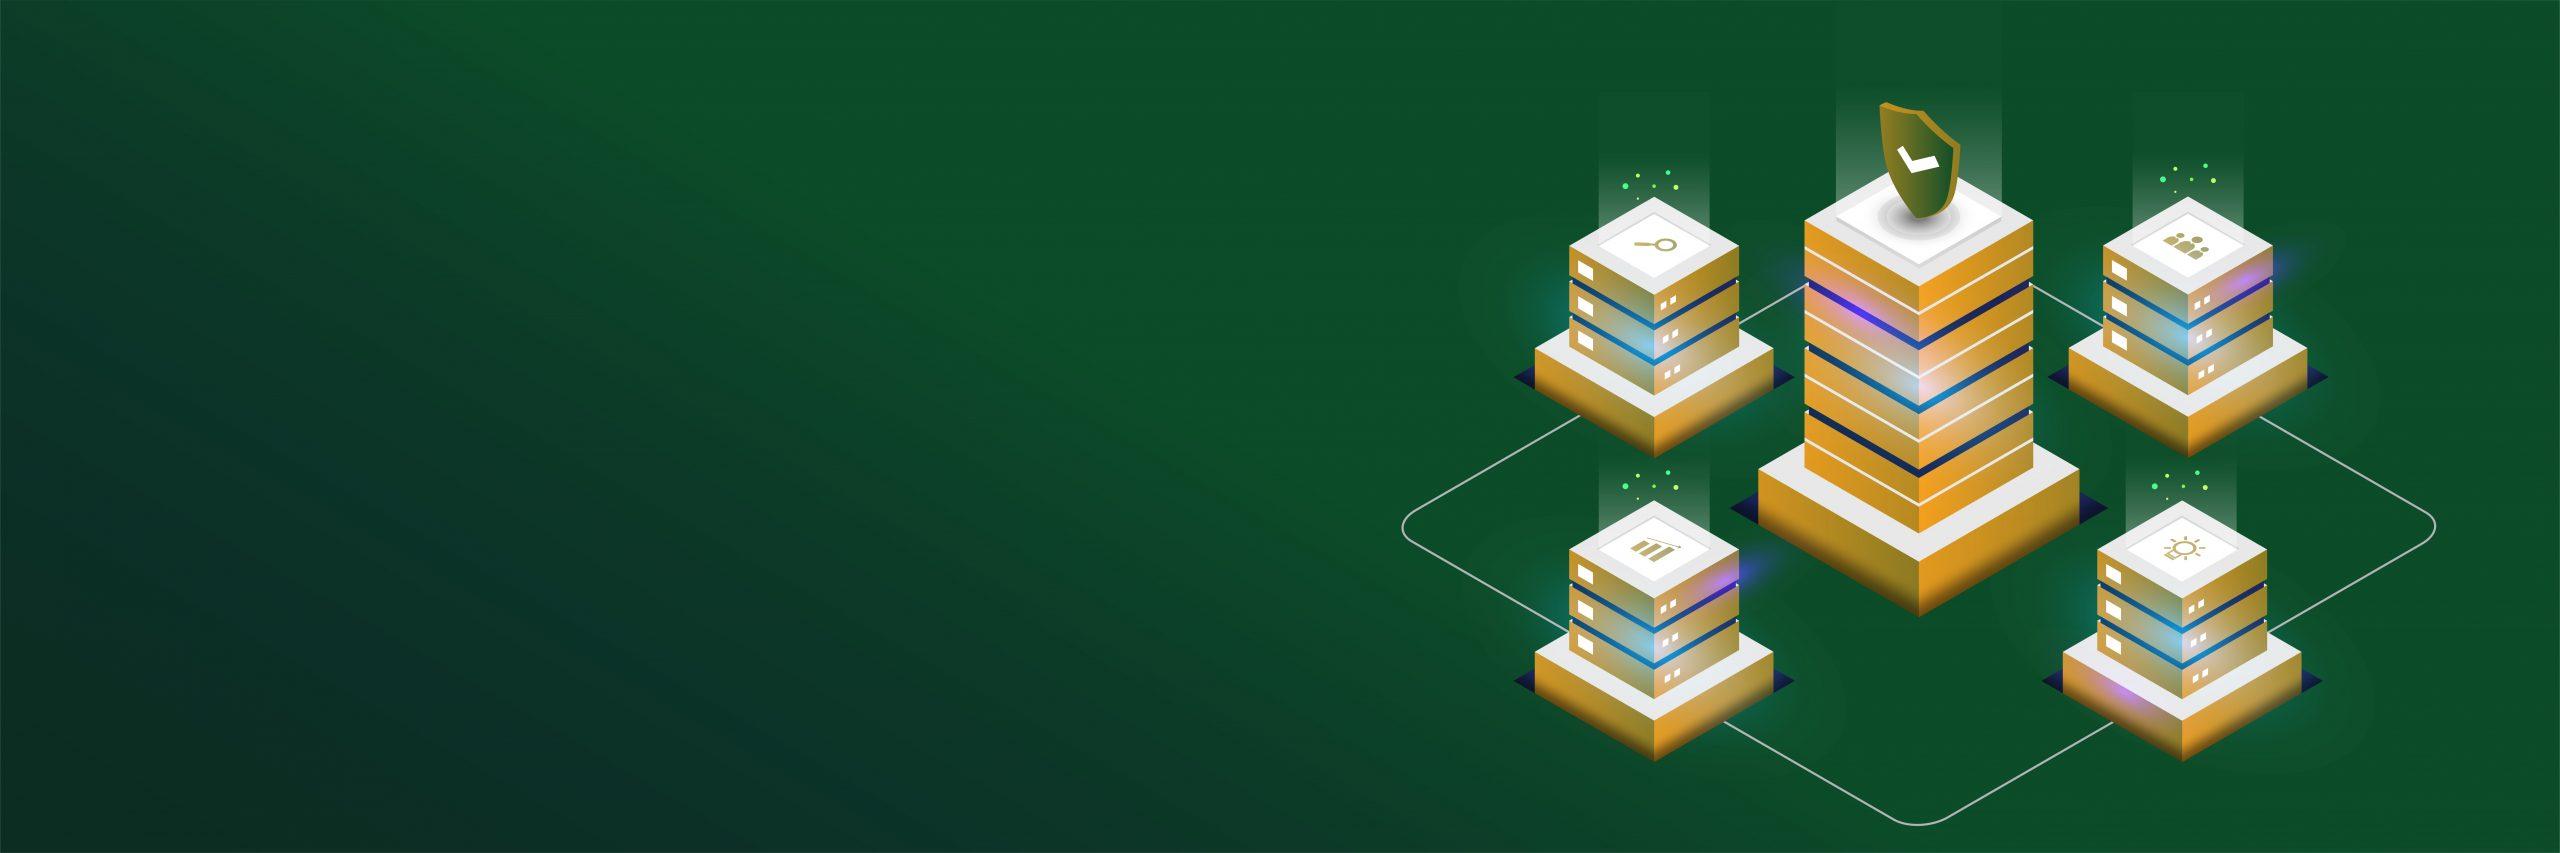 1LINK Hosted Services Platform